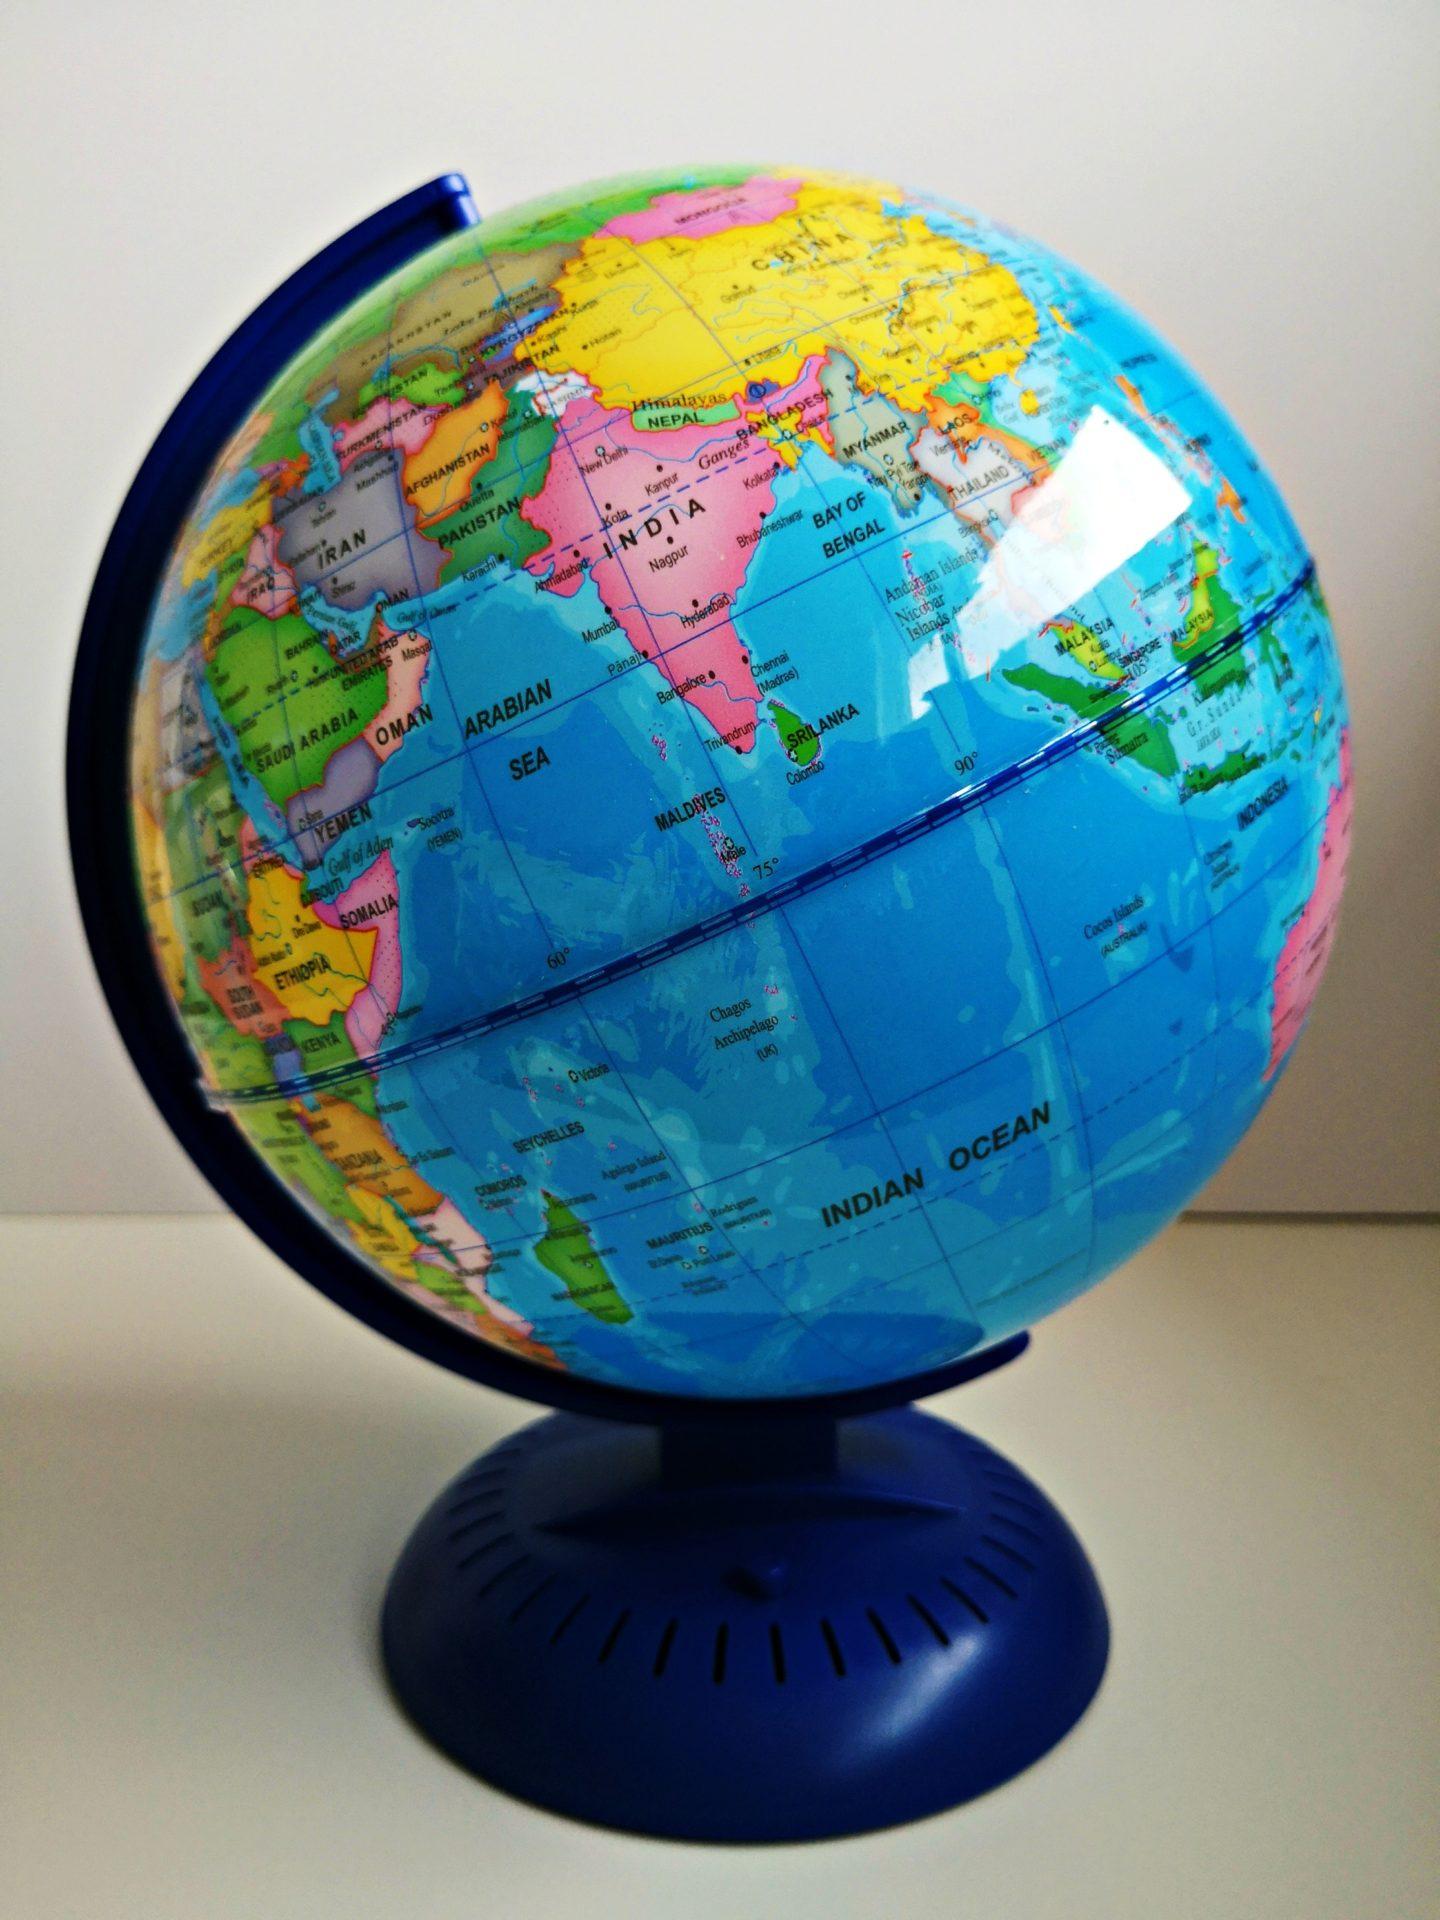 Nightlight illuminated Globe